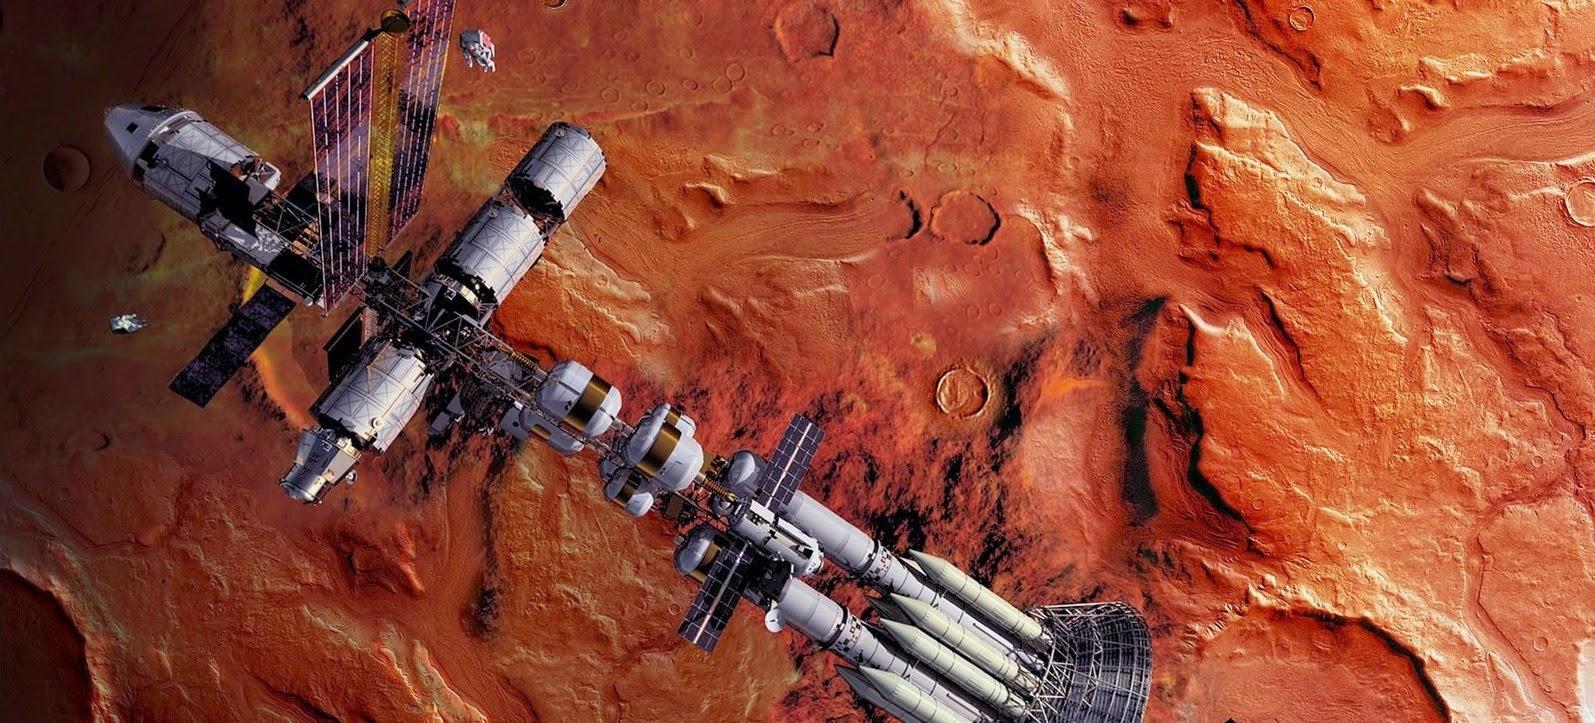 In Mars orbit by deckard01 (2013)